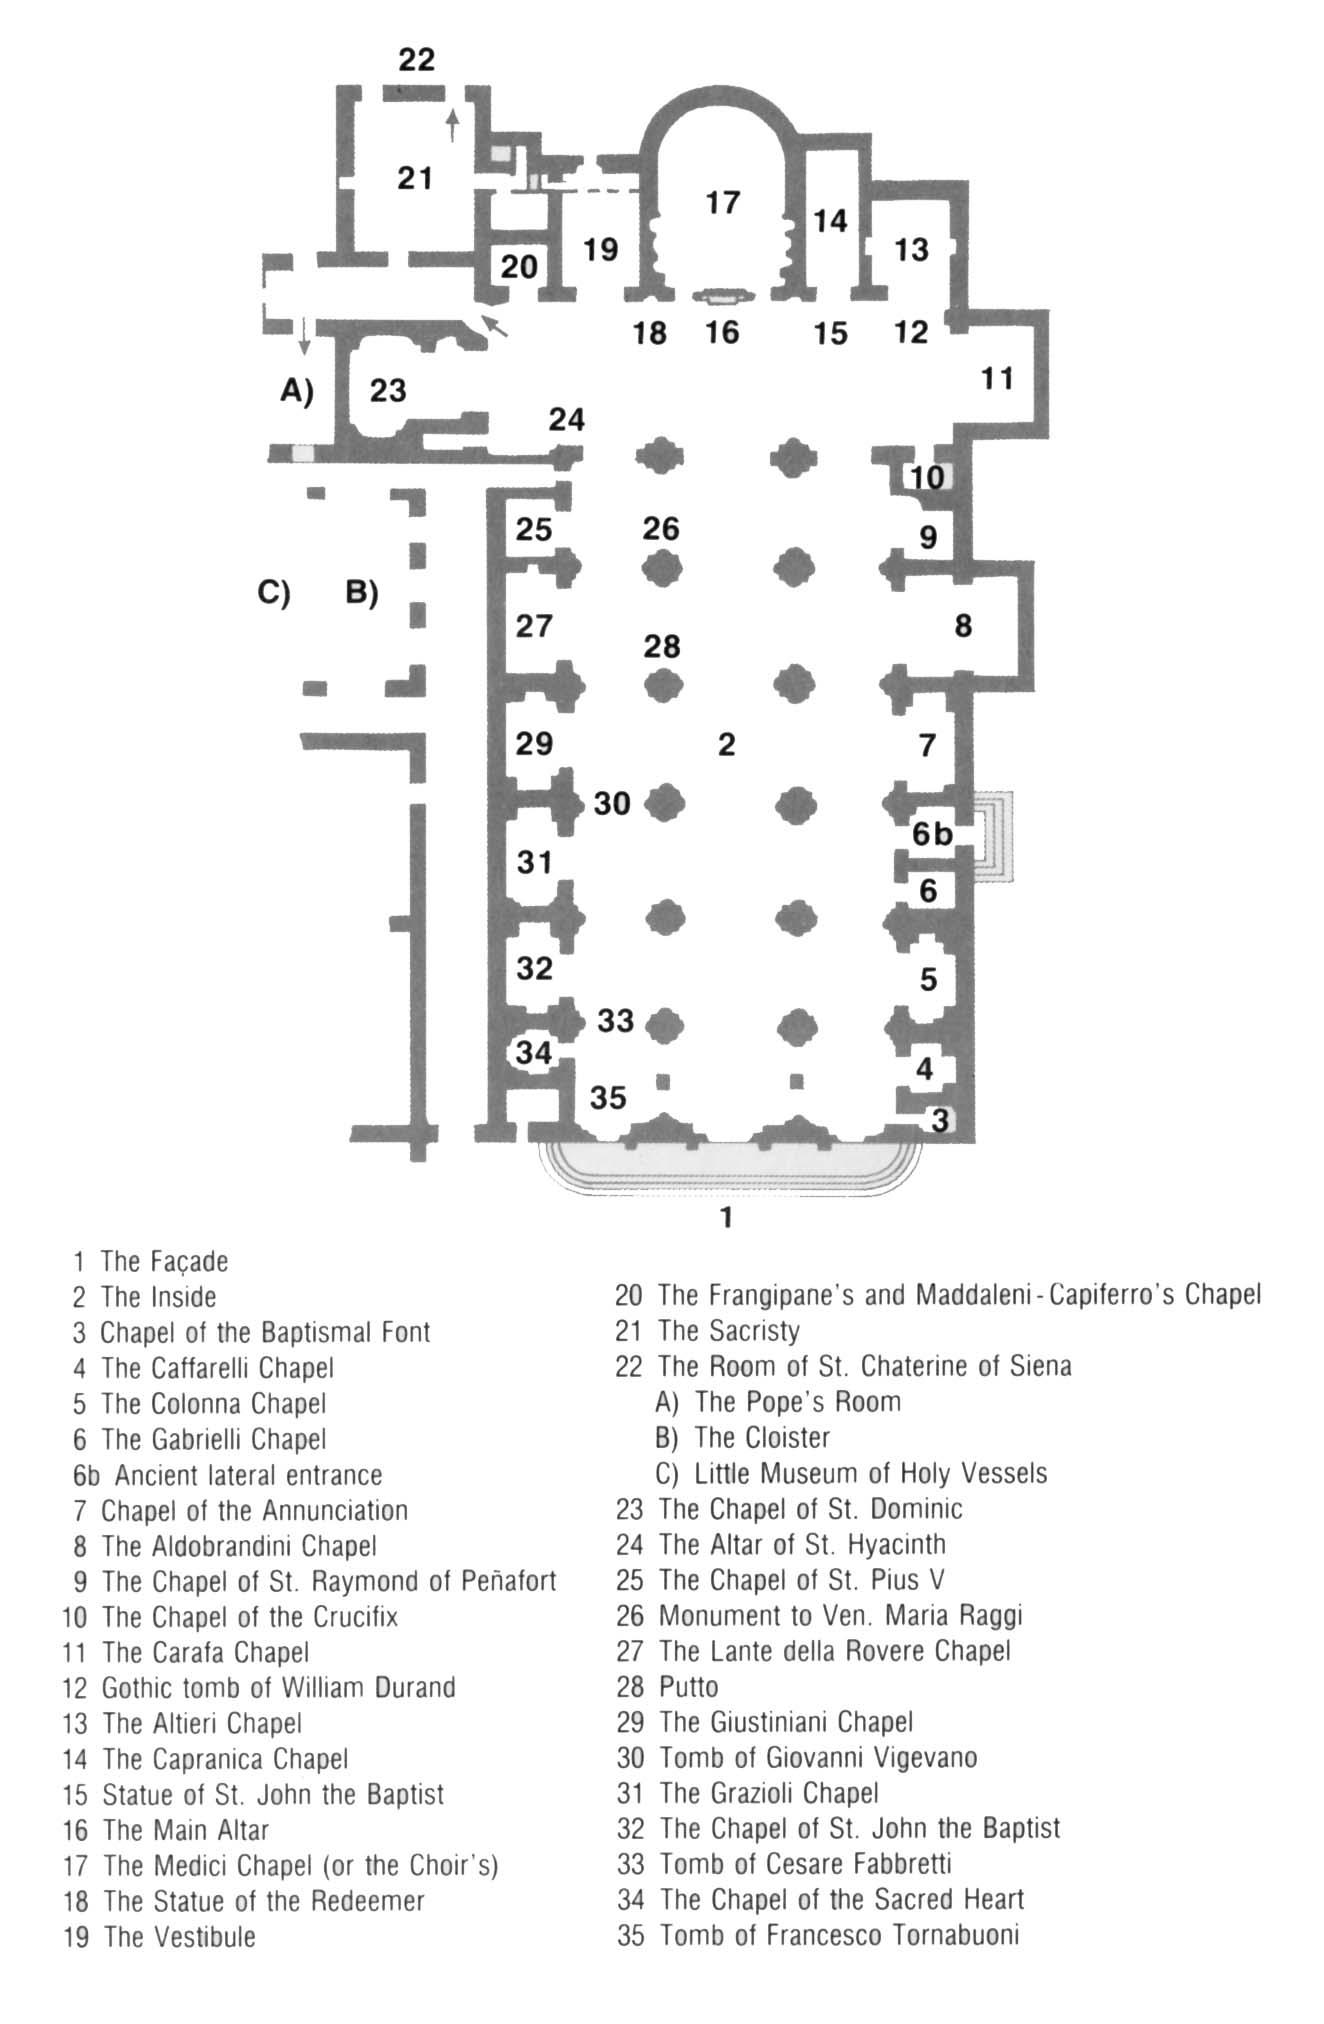 040-002SMソプラミネルバ図